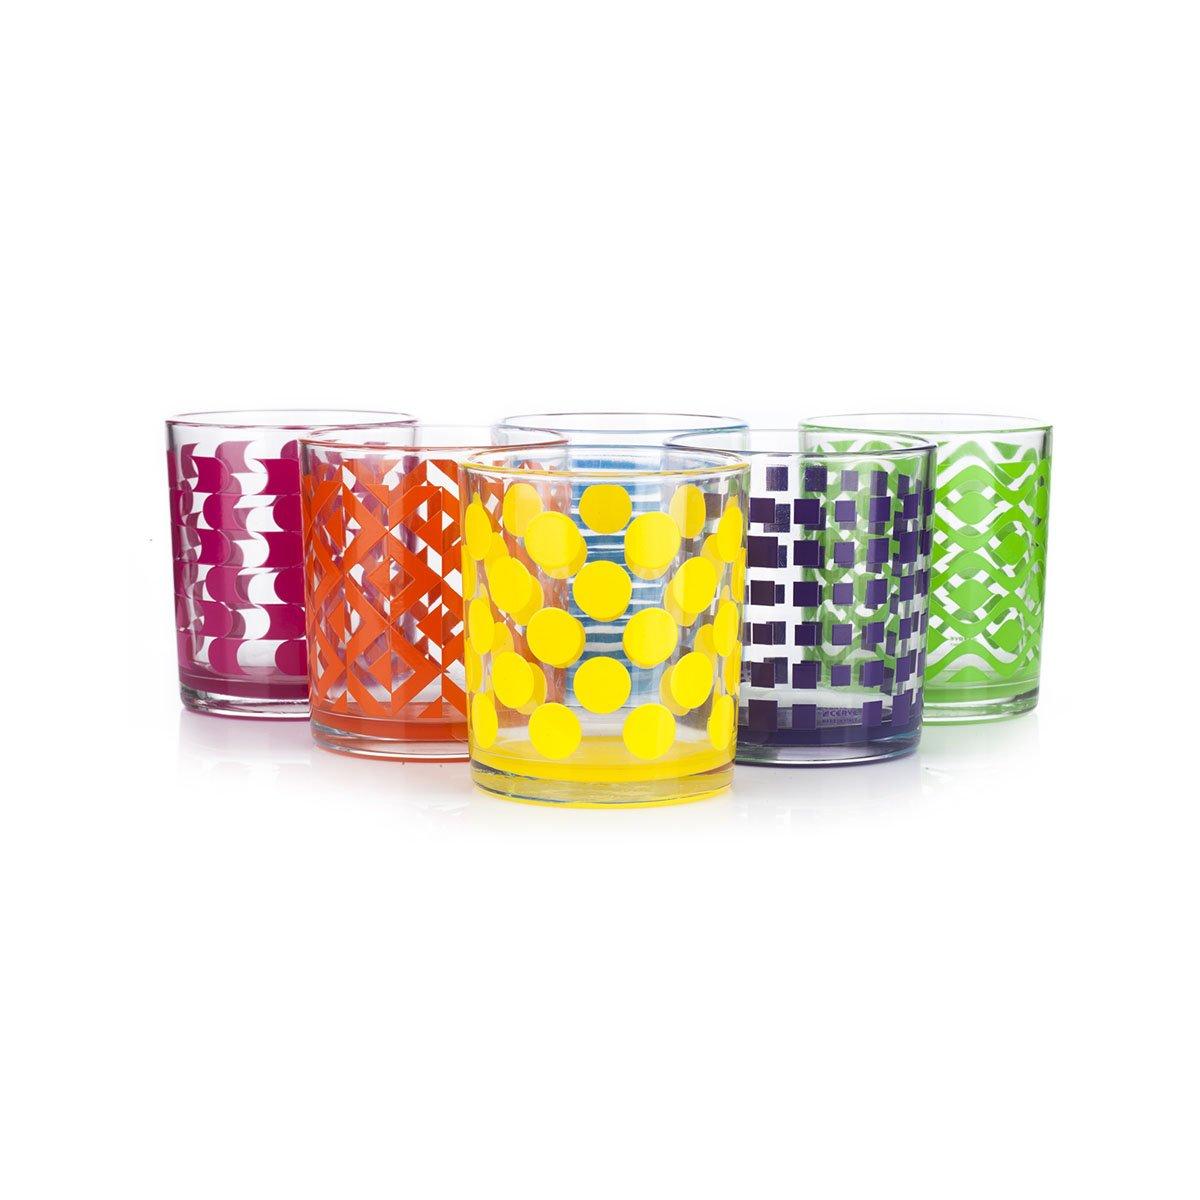 Set de 6 vasos de colores columbia 85 ml m6037016 sears - Vasos de colores ...